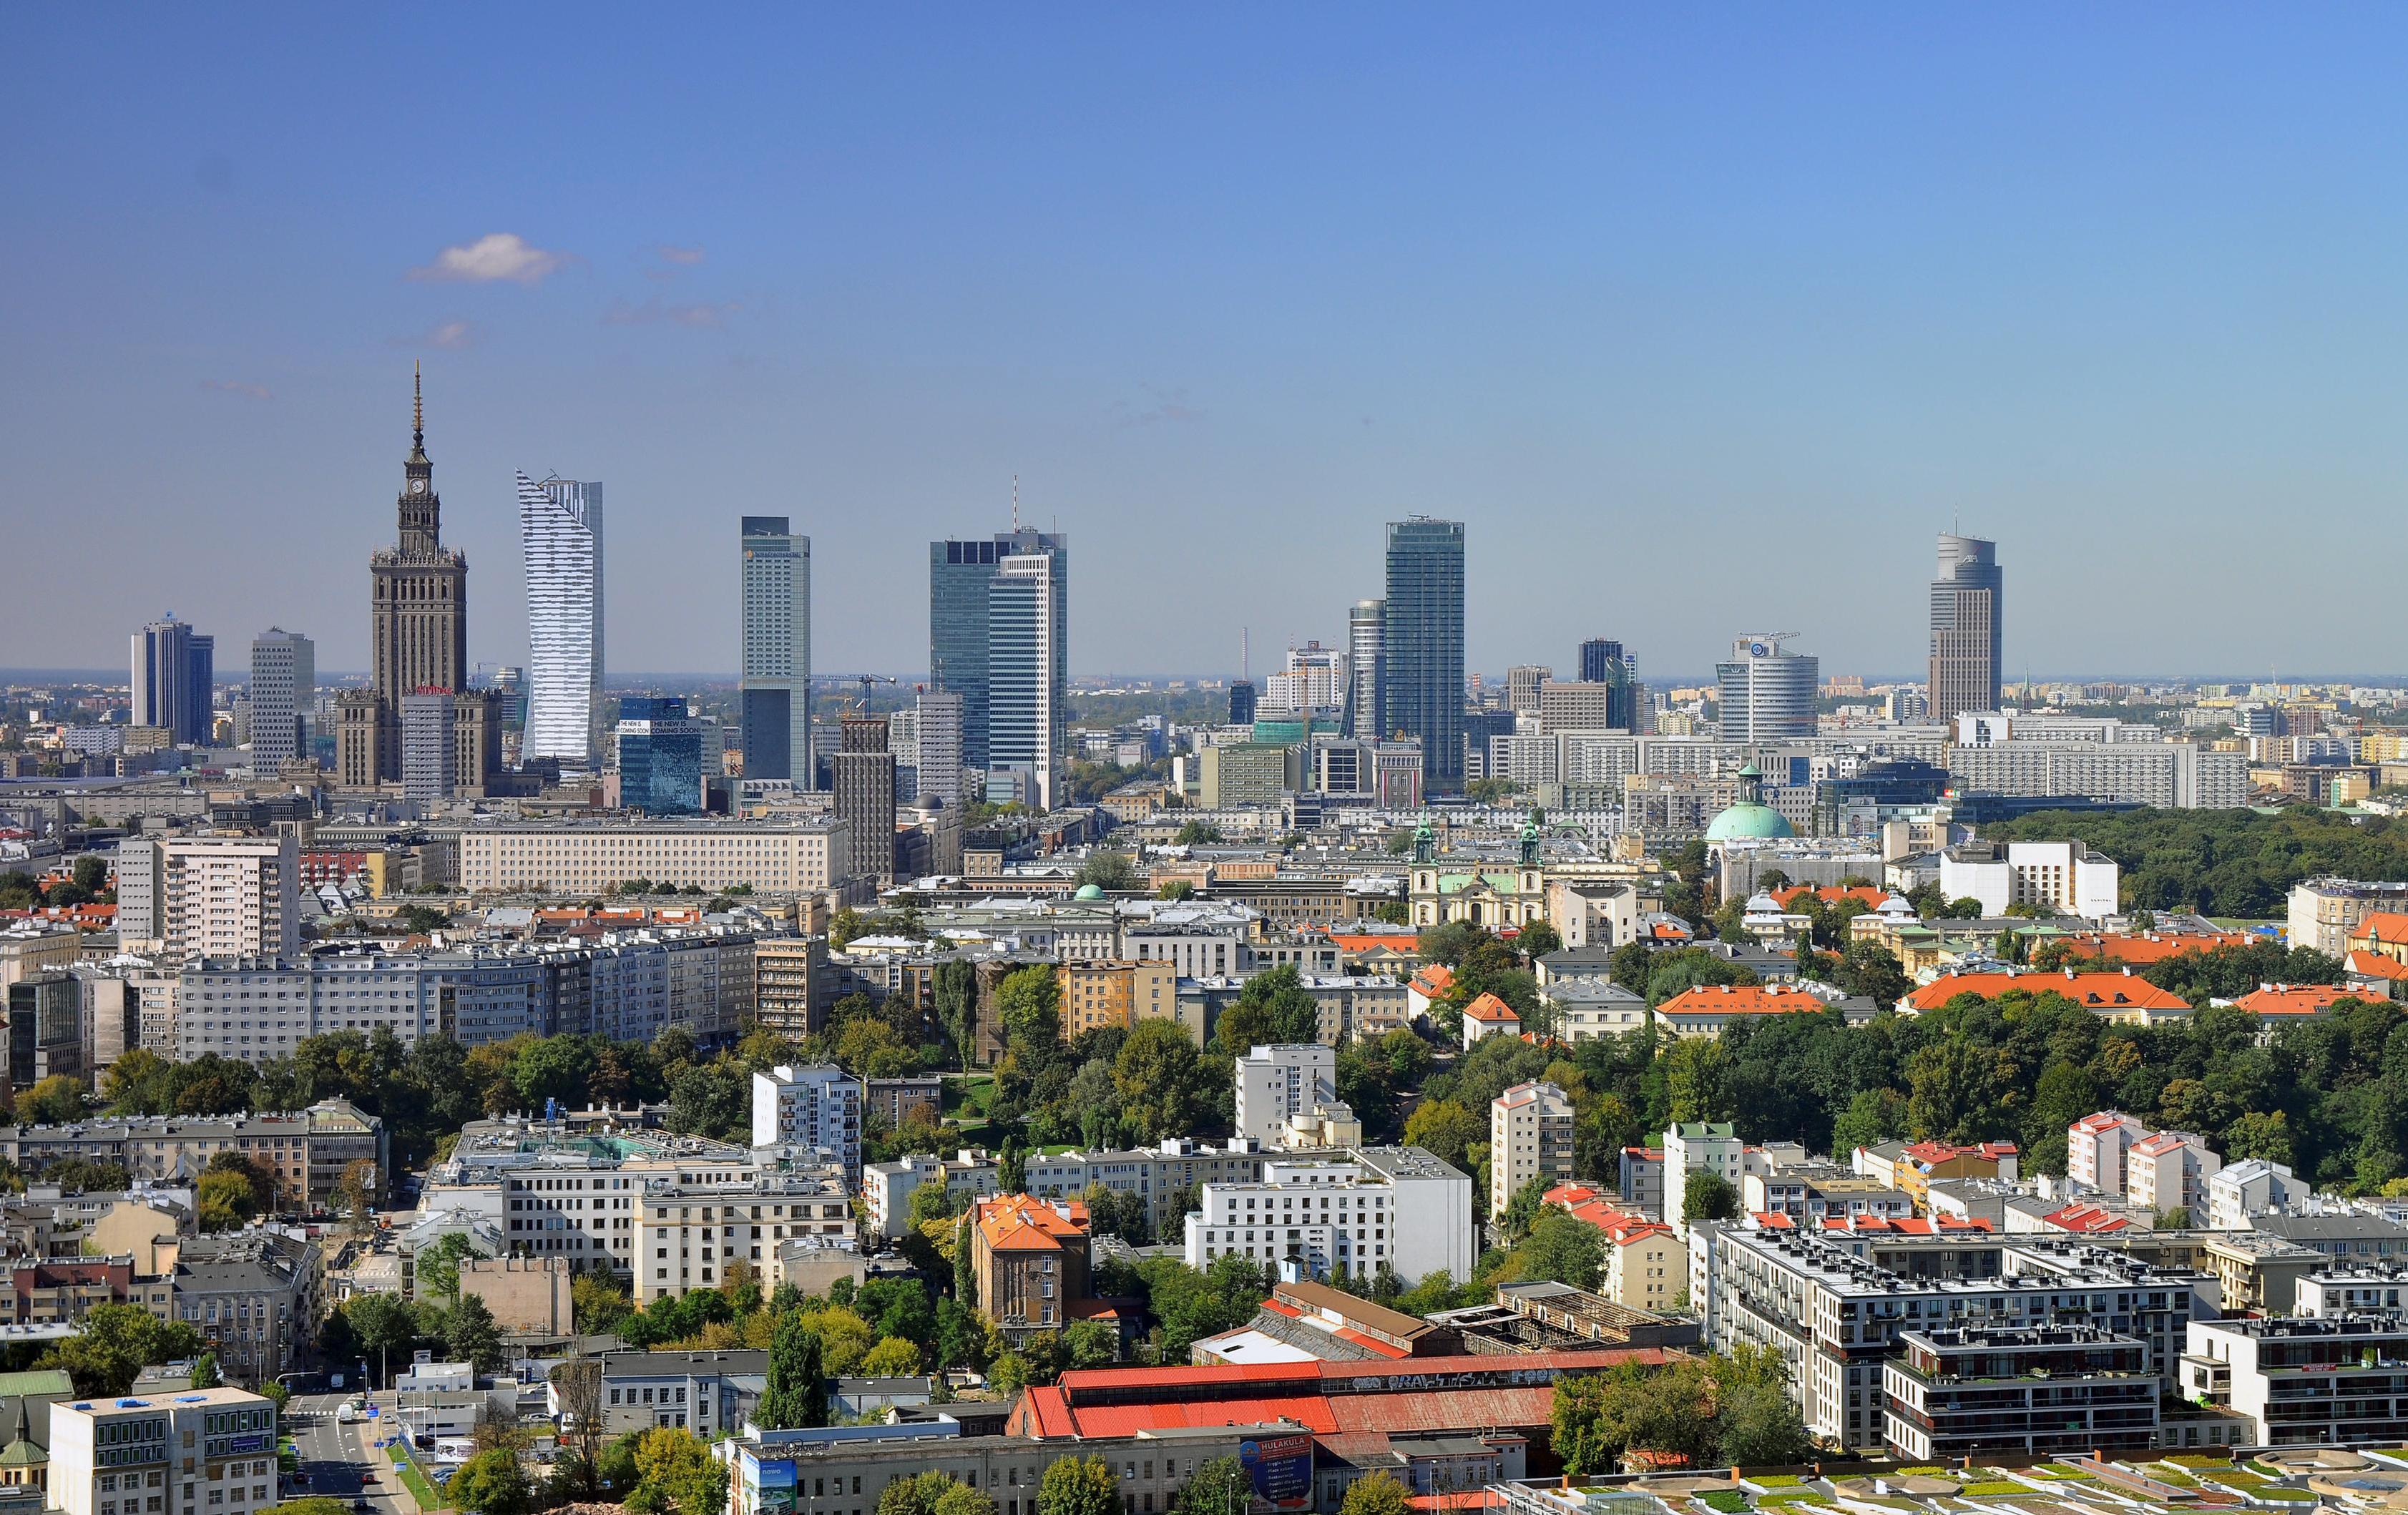 Warszawa är en härlig storstad med en skön blandning av gammalt och nytt.